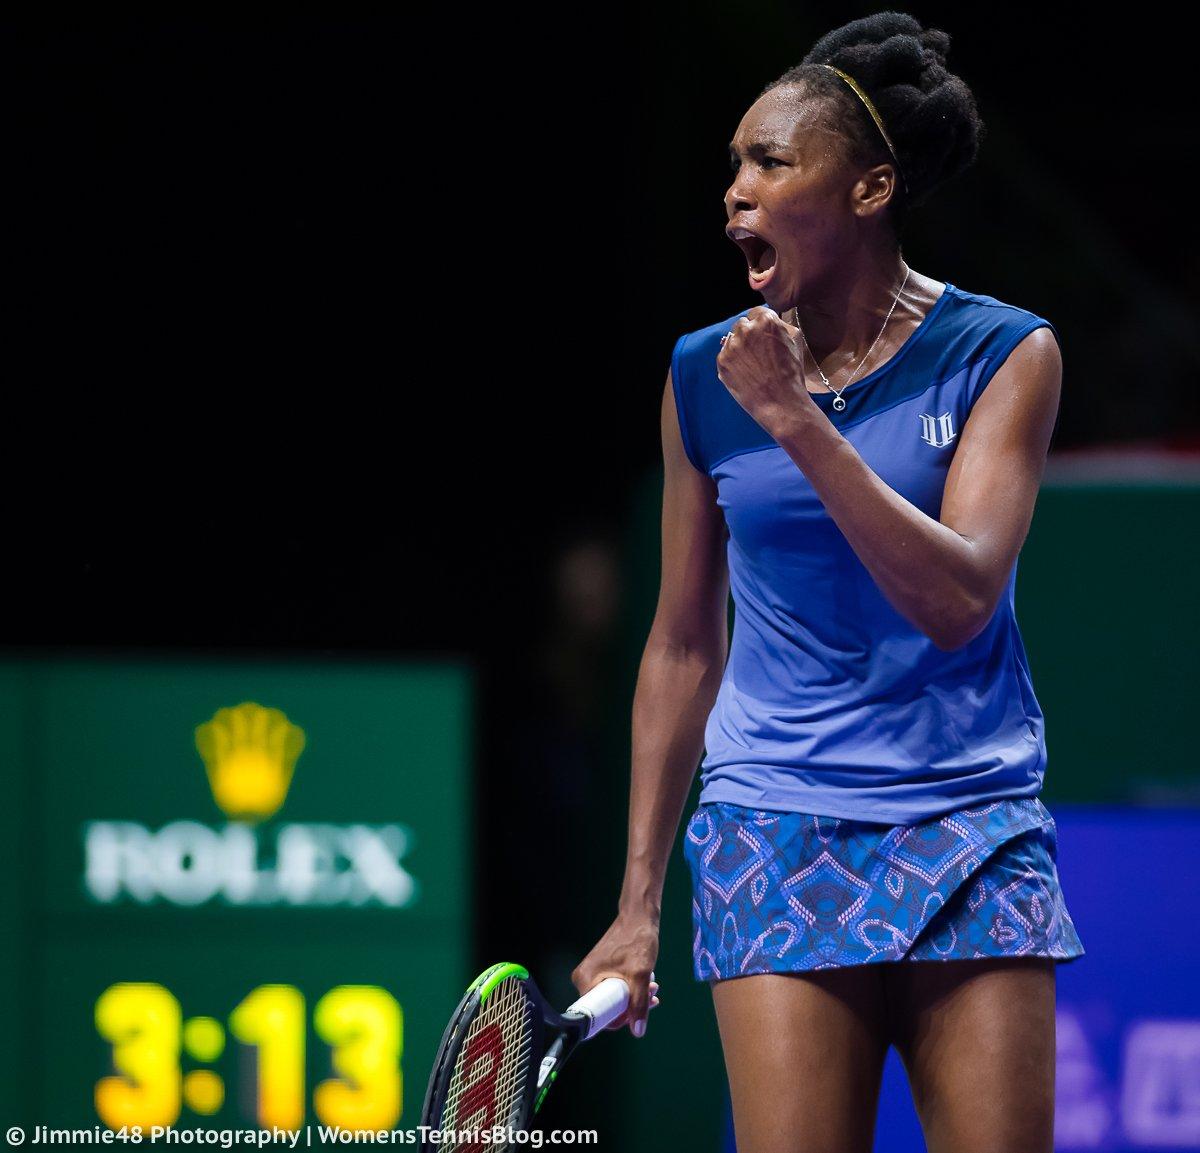 Вильямс — в полуфинале Итогового чемпионата WTA